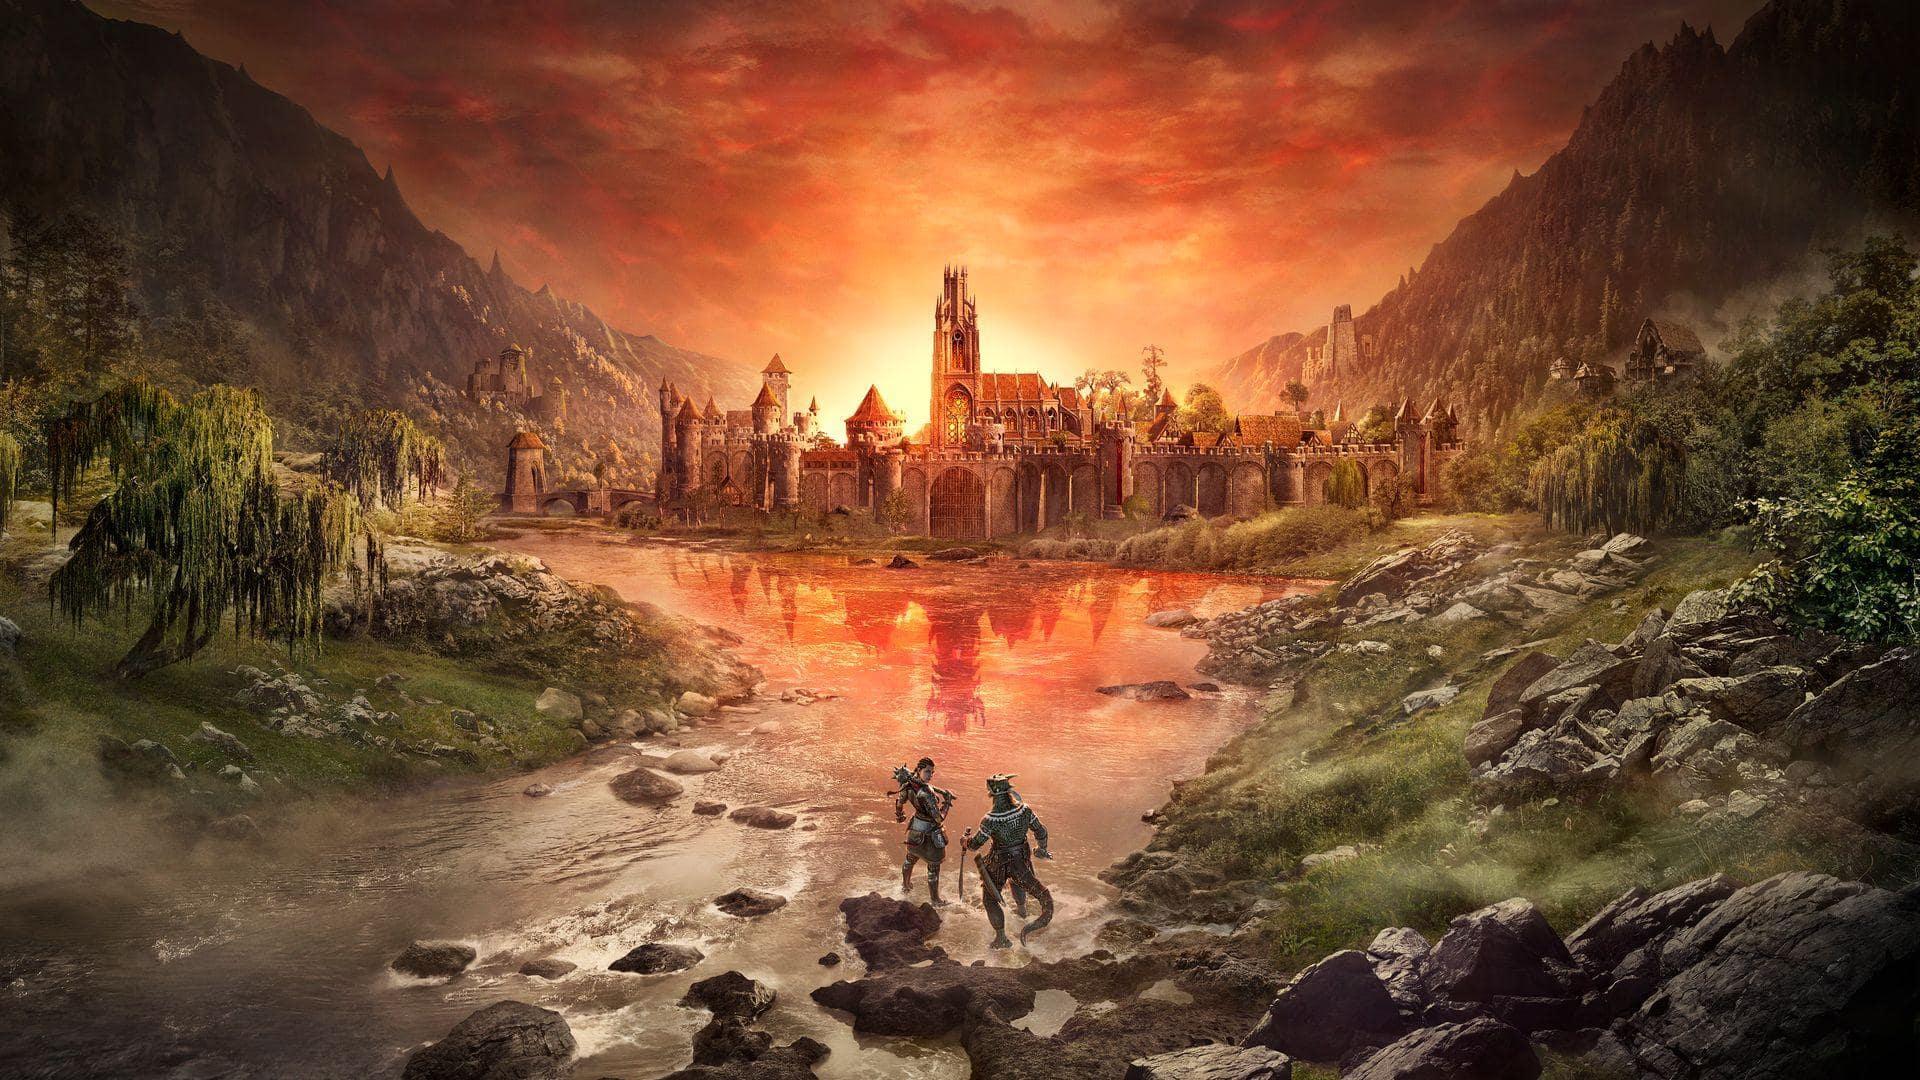 The Elder Scrolls Online - Blackwood: портал в земли упущенных возможностей - ITC.ua